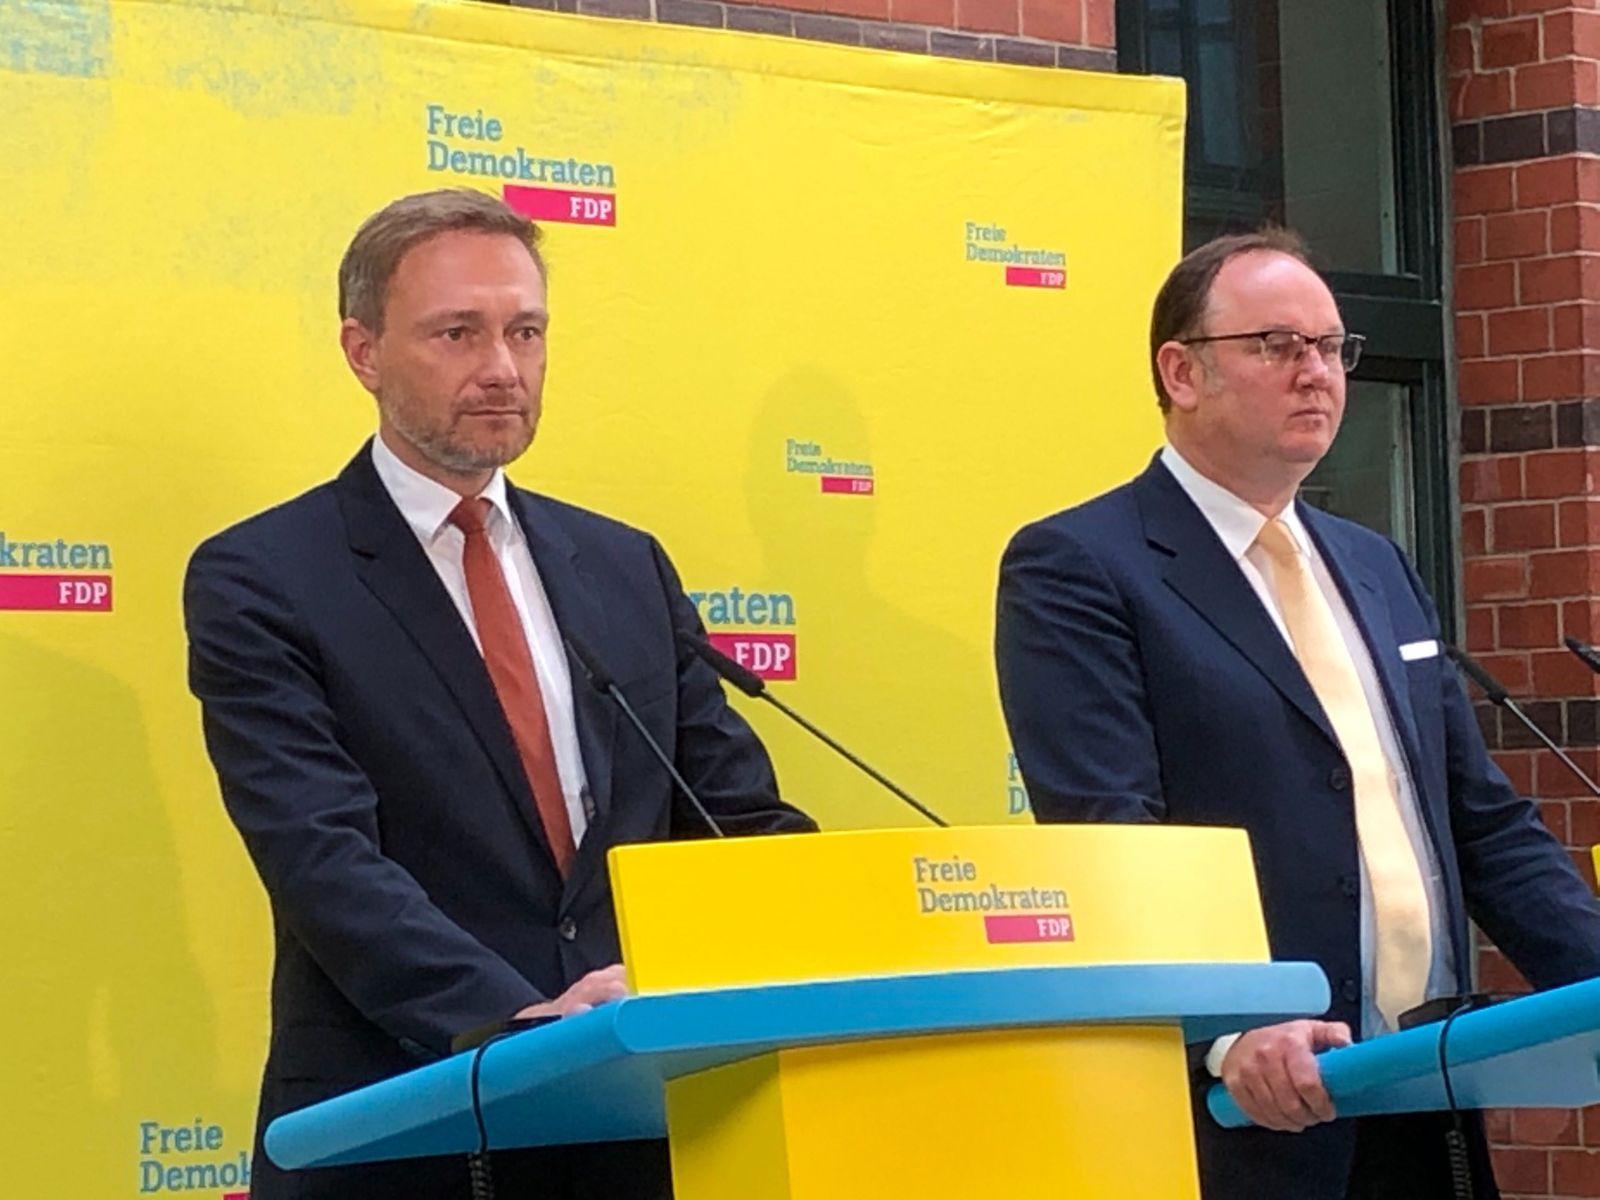 Ex-SPD-Politiker Christ ist jetzt FDP-Mitglied